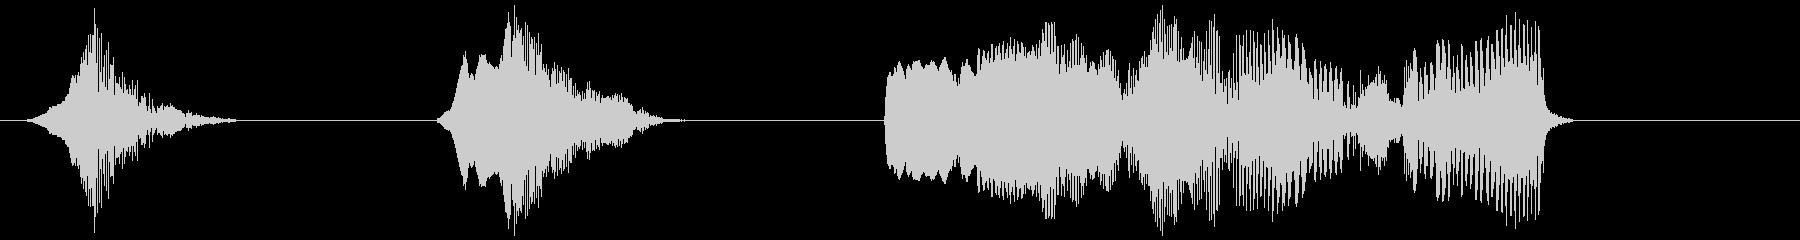 フレンチホーングロール-3つの効果...の未再生の波形